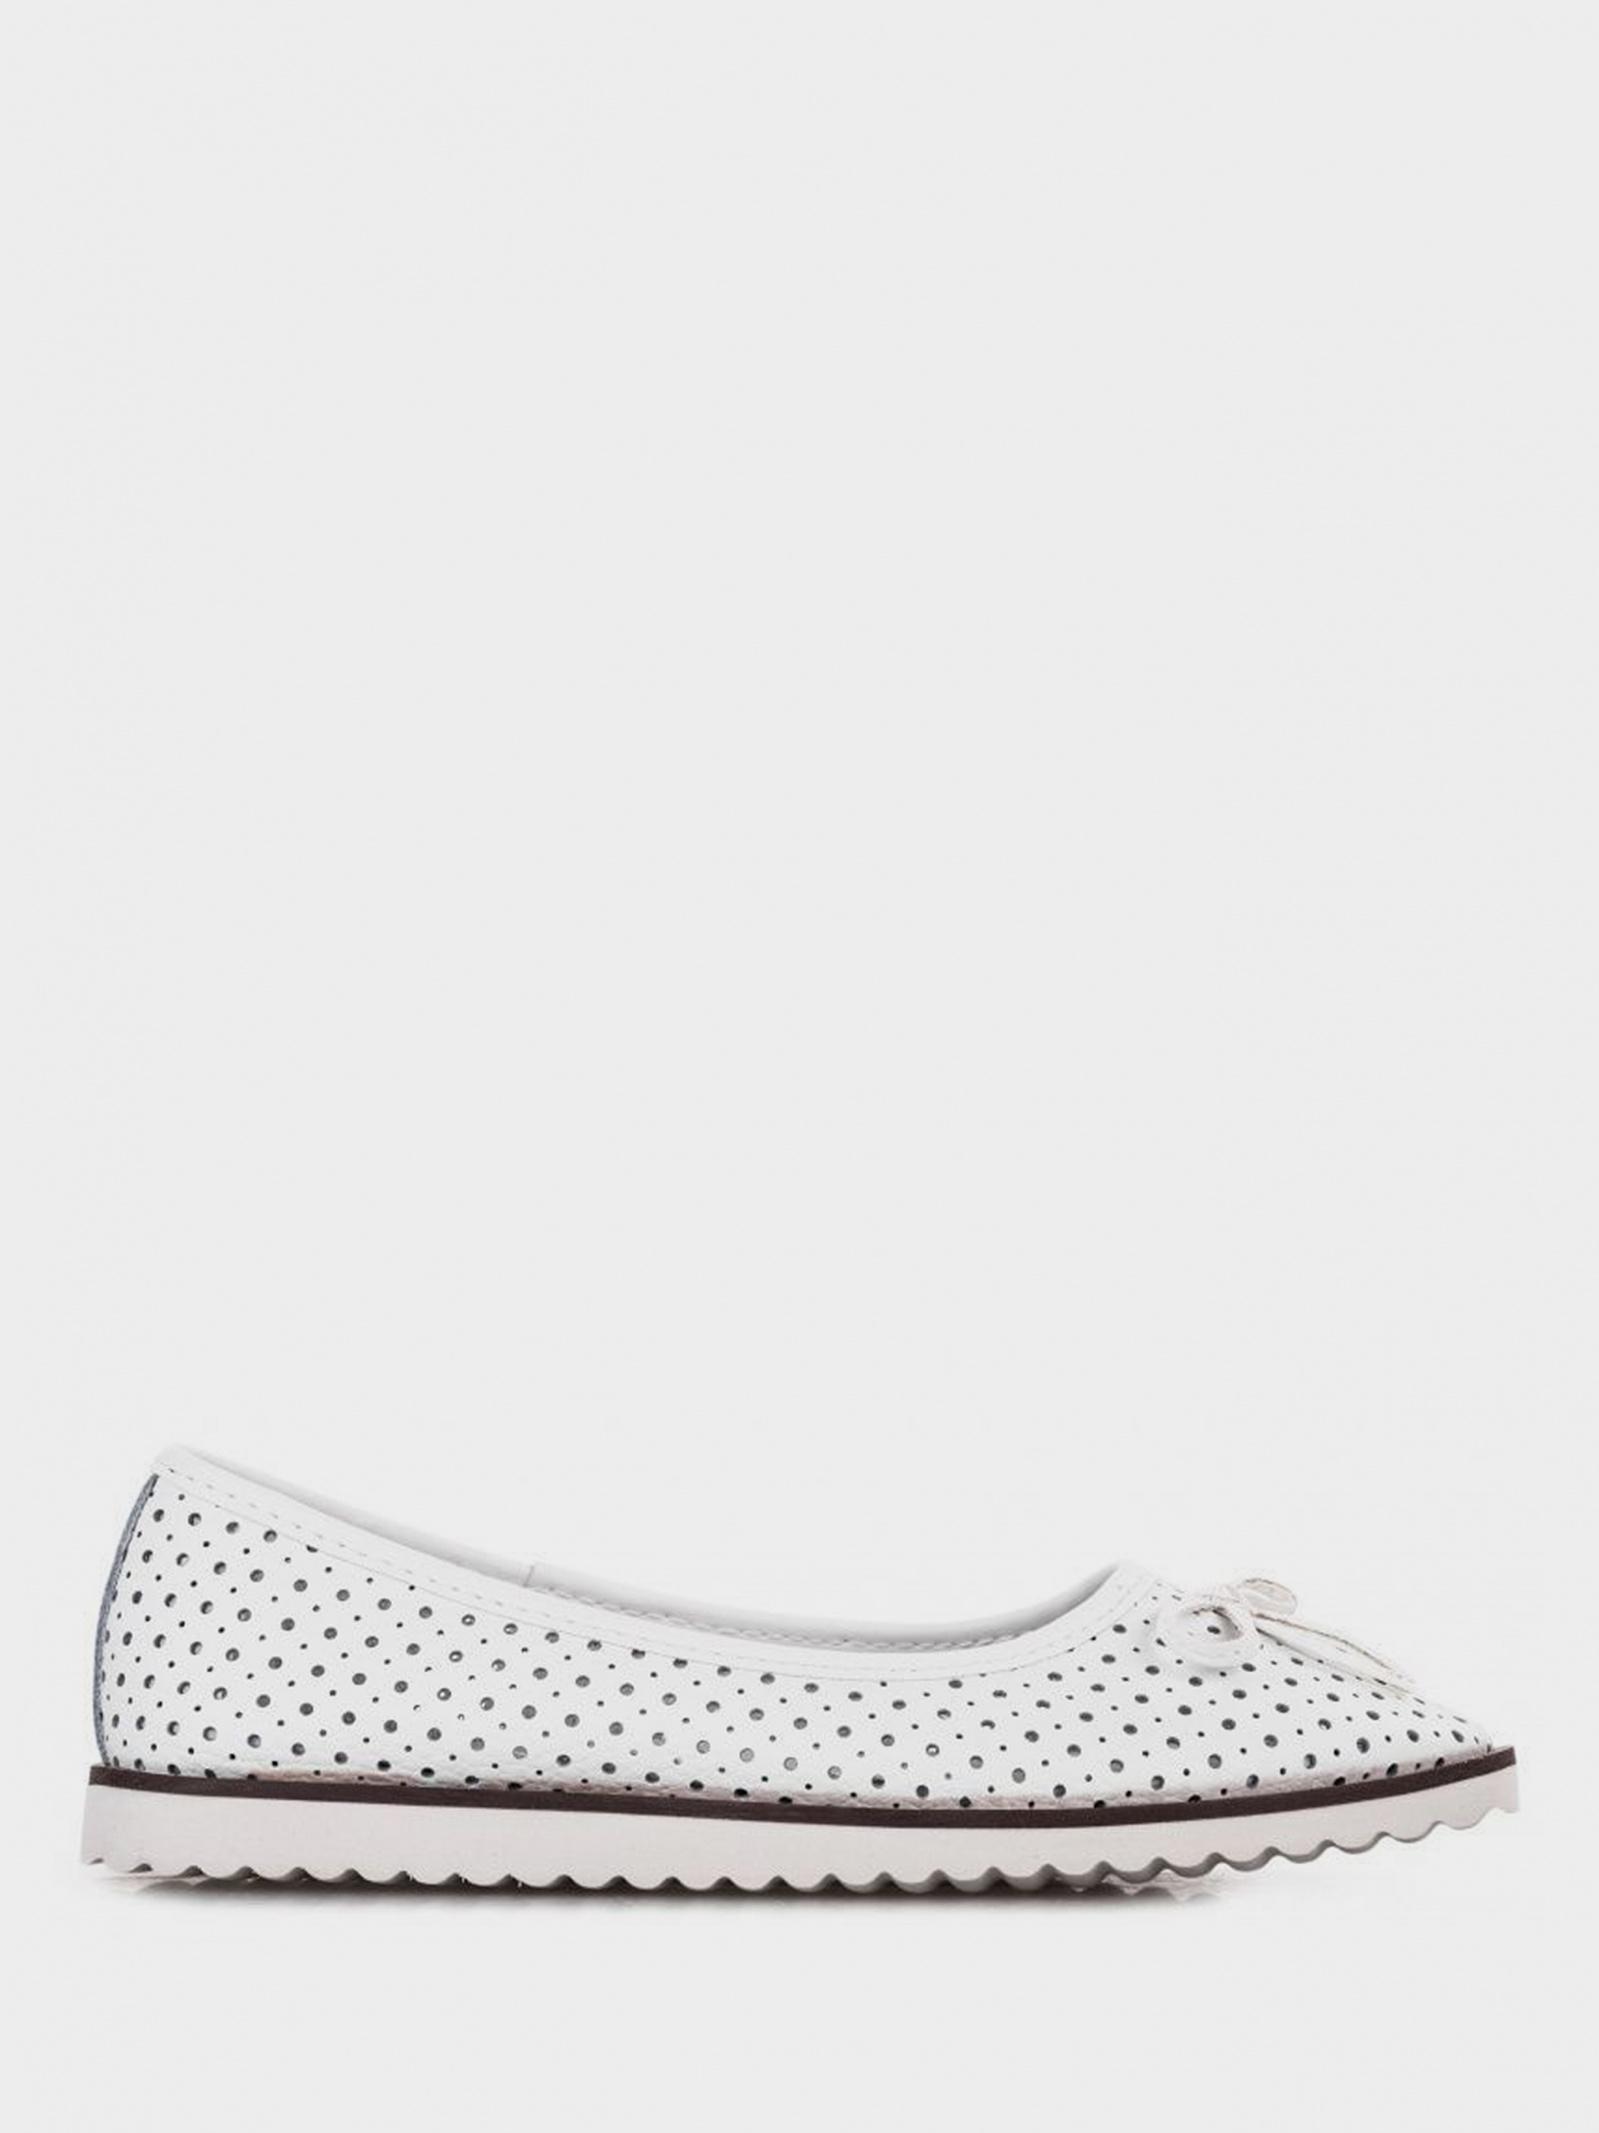 Балетки  для жінок Gunter 913-2141/102 модне взуття, 2017